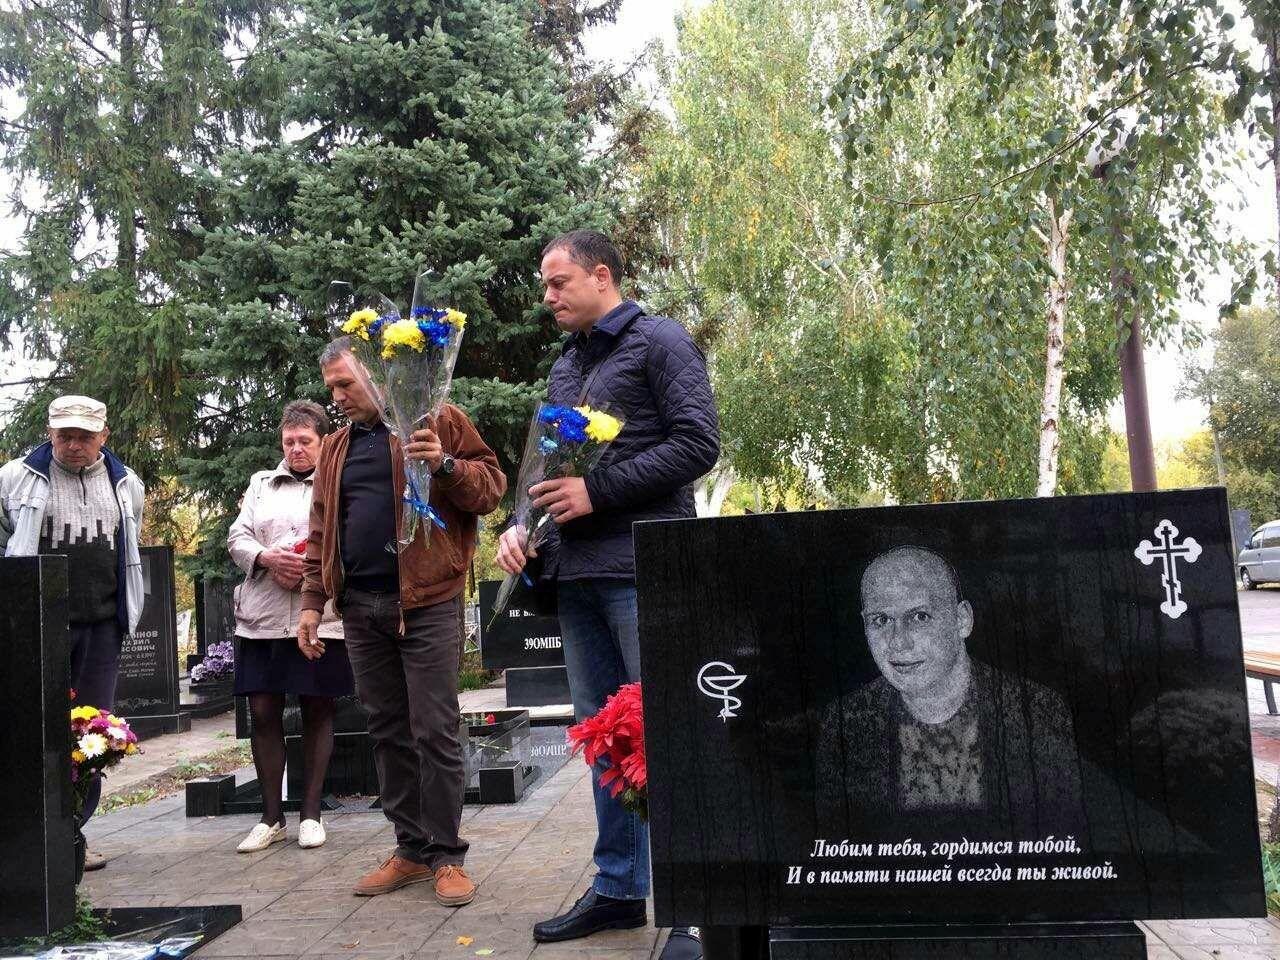 Мэр поздравил каменских воинов с Днем защитника Украины, фото-2